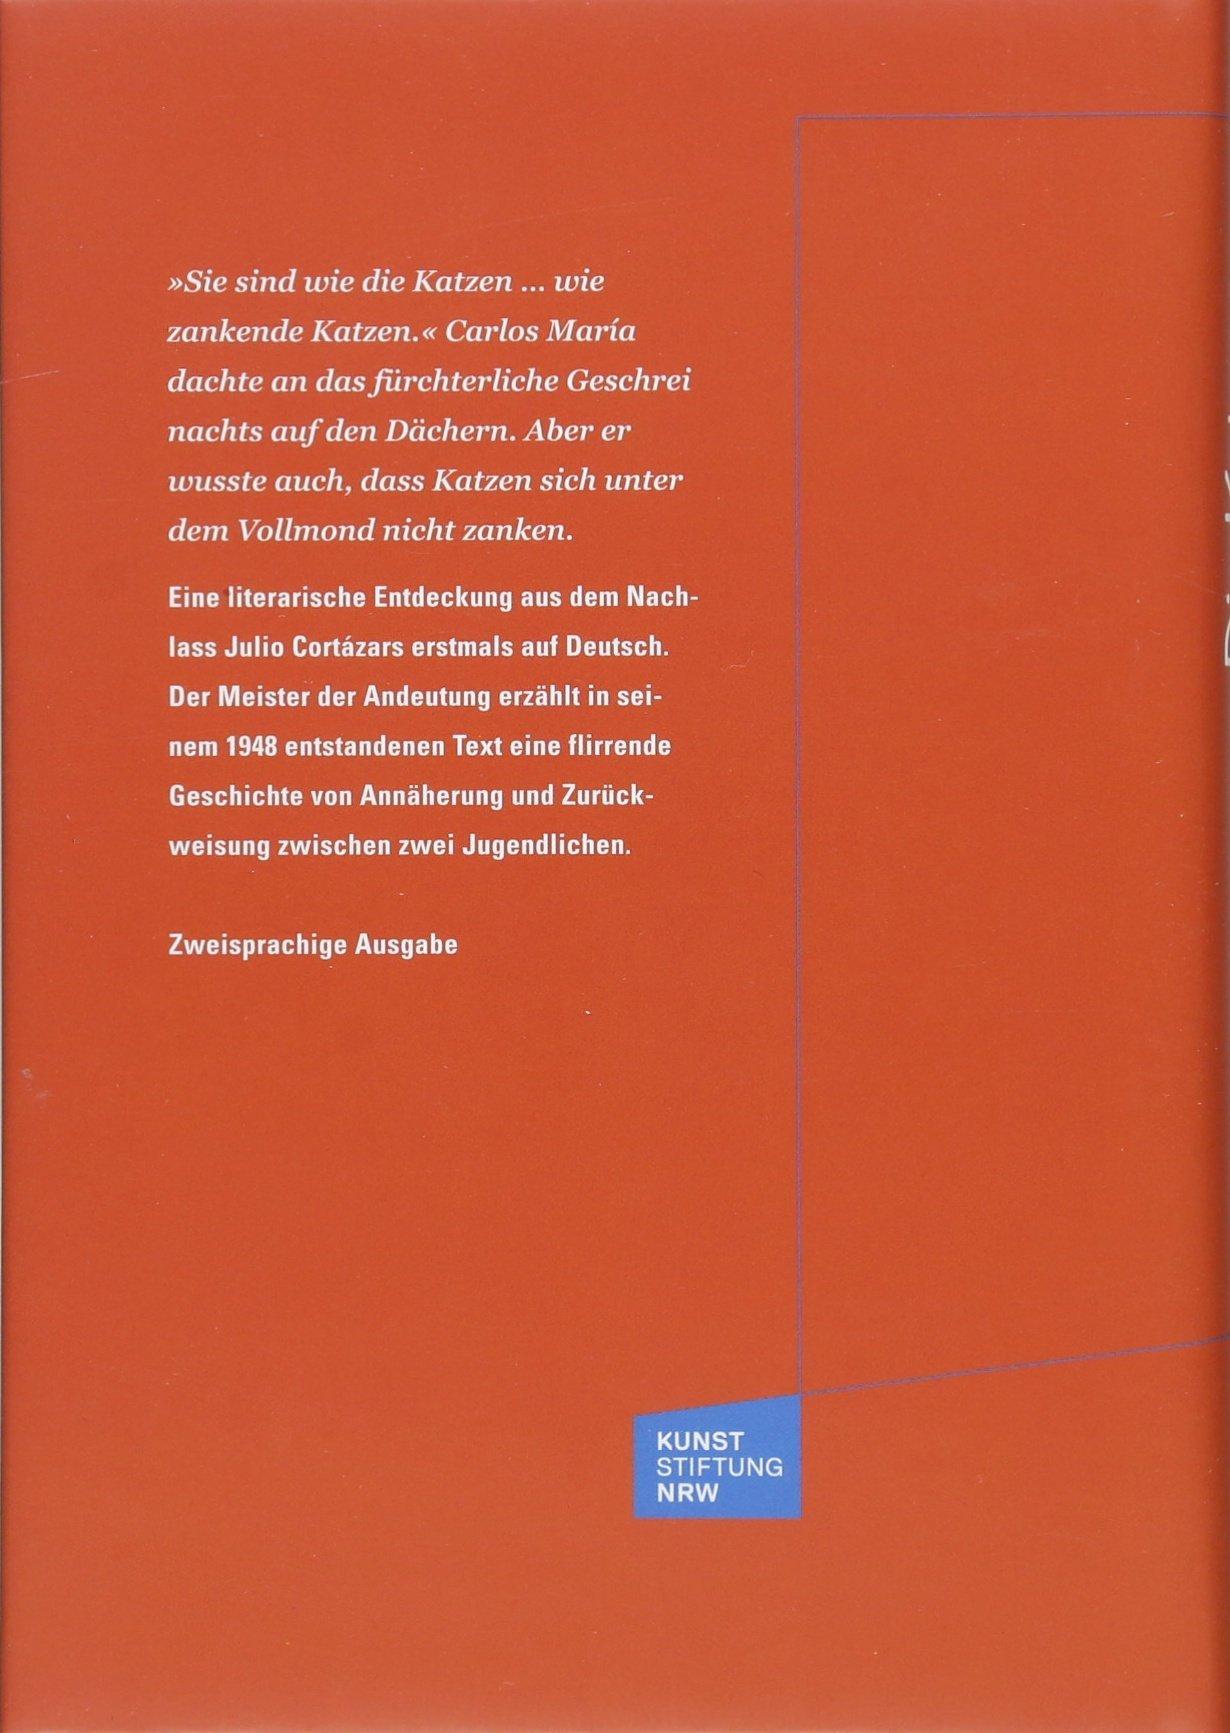 Die Katzen / Los gatos Schriftenreihe der Kunststiftung NRW: Amazon ...